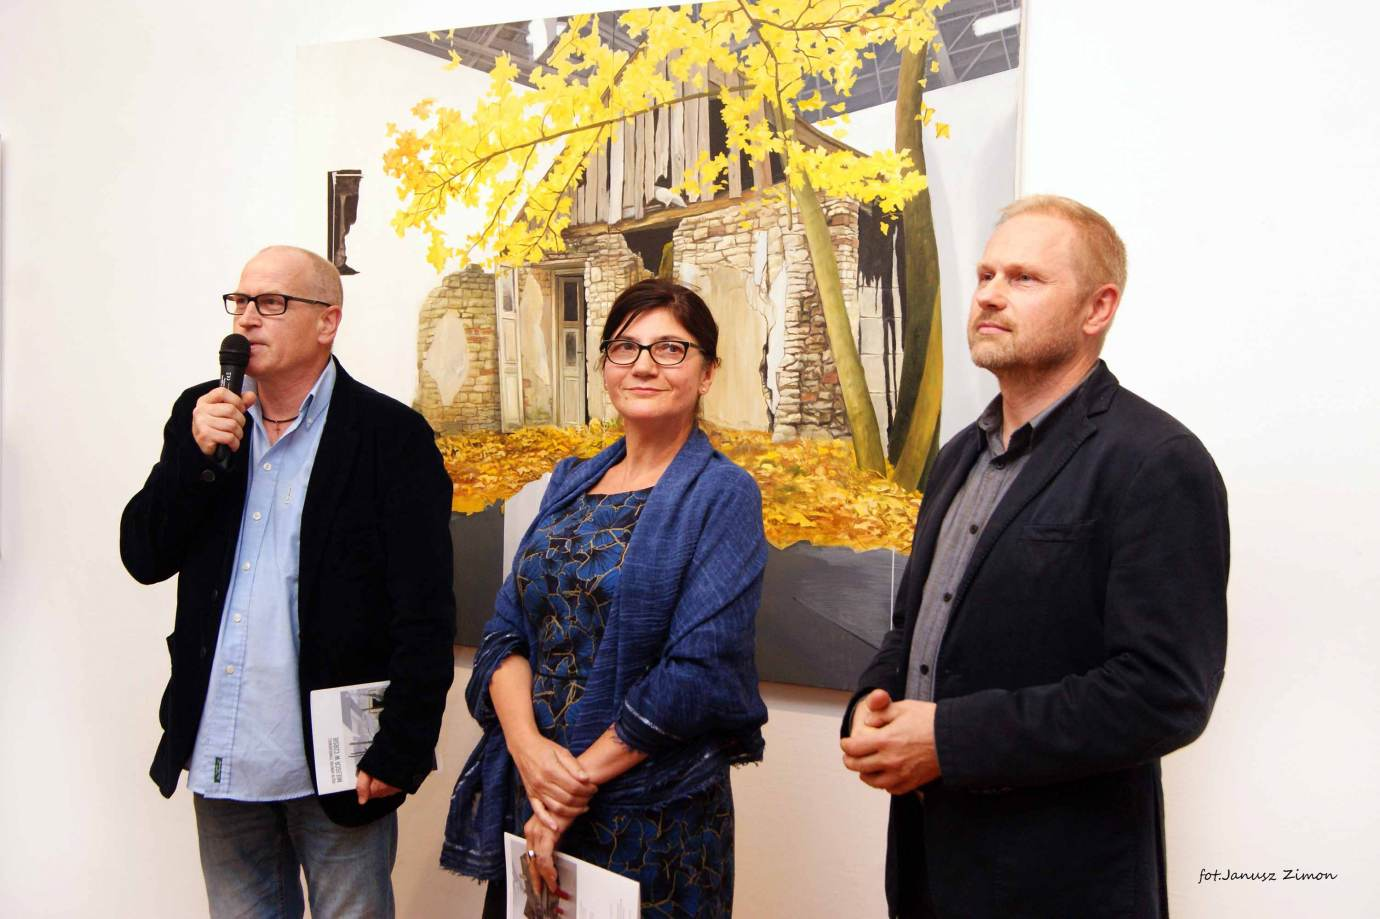 piotr tymochowicz bwa galeria zamojska fot janusz zimon 2 Zamość: Wernisaż wystawy Piotra Tymochowicza